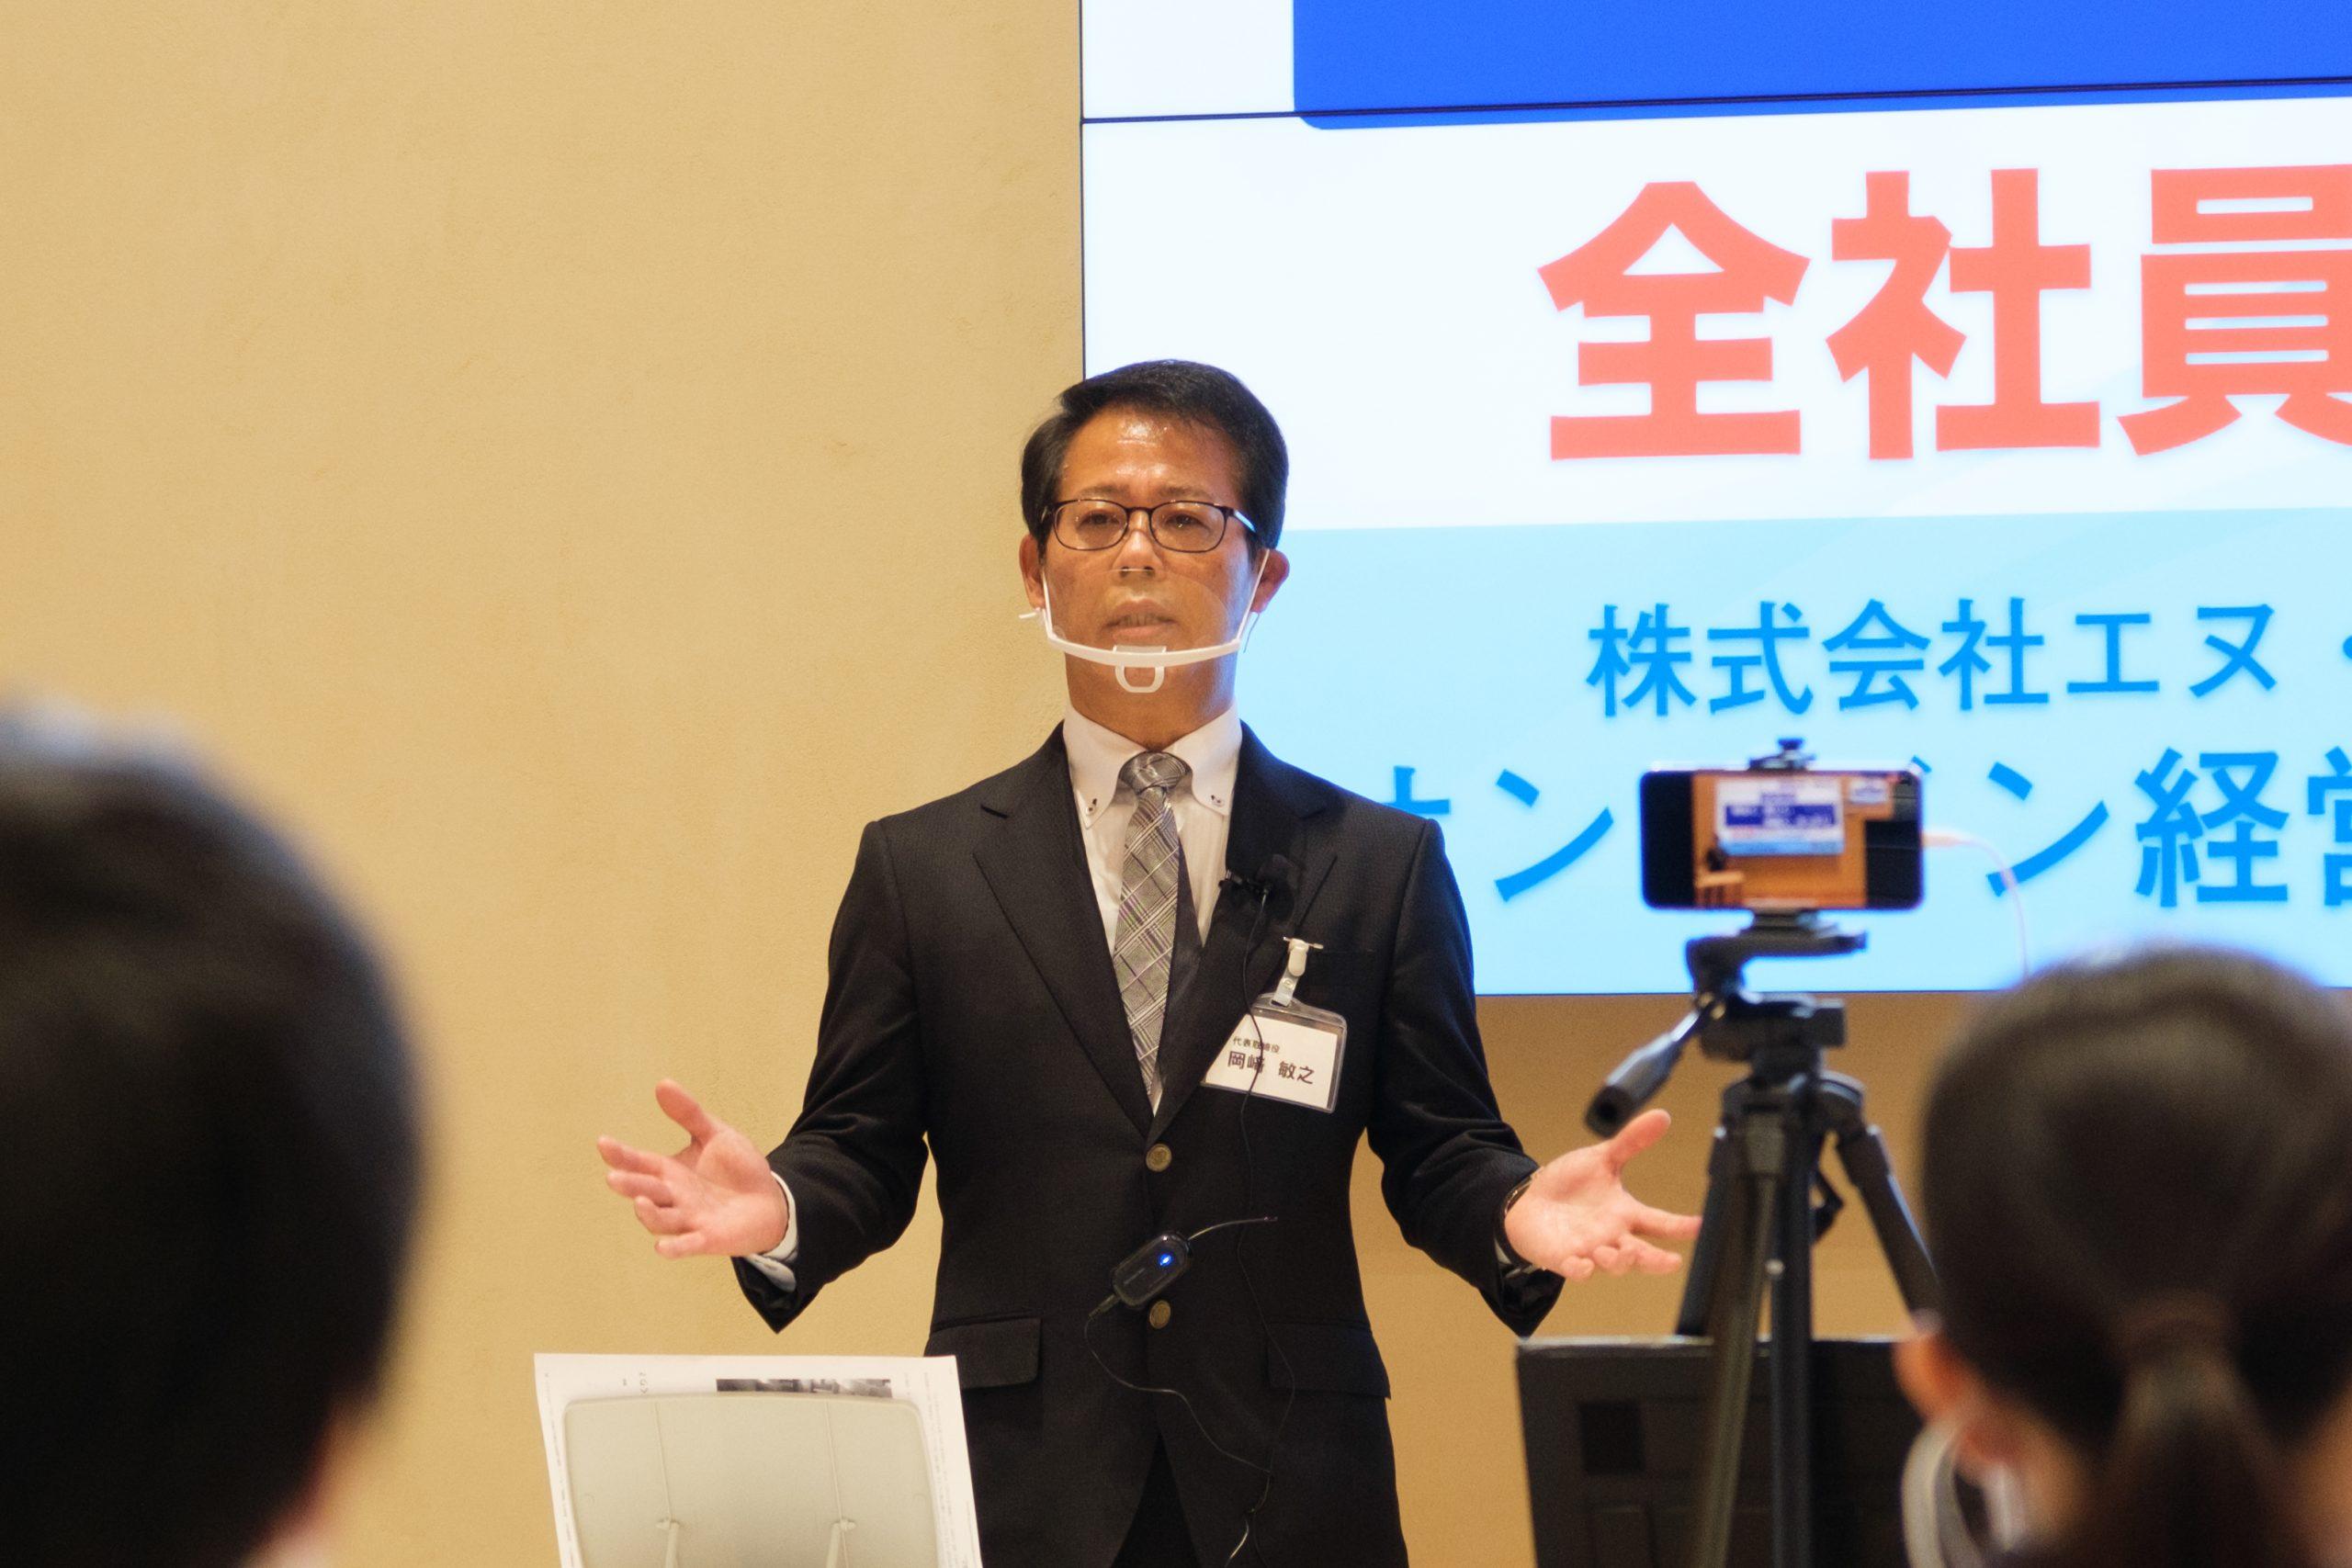 オンラインで「経営方針発表会」を開催